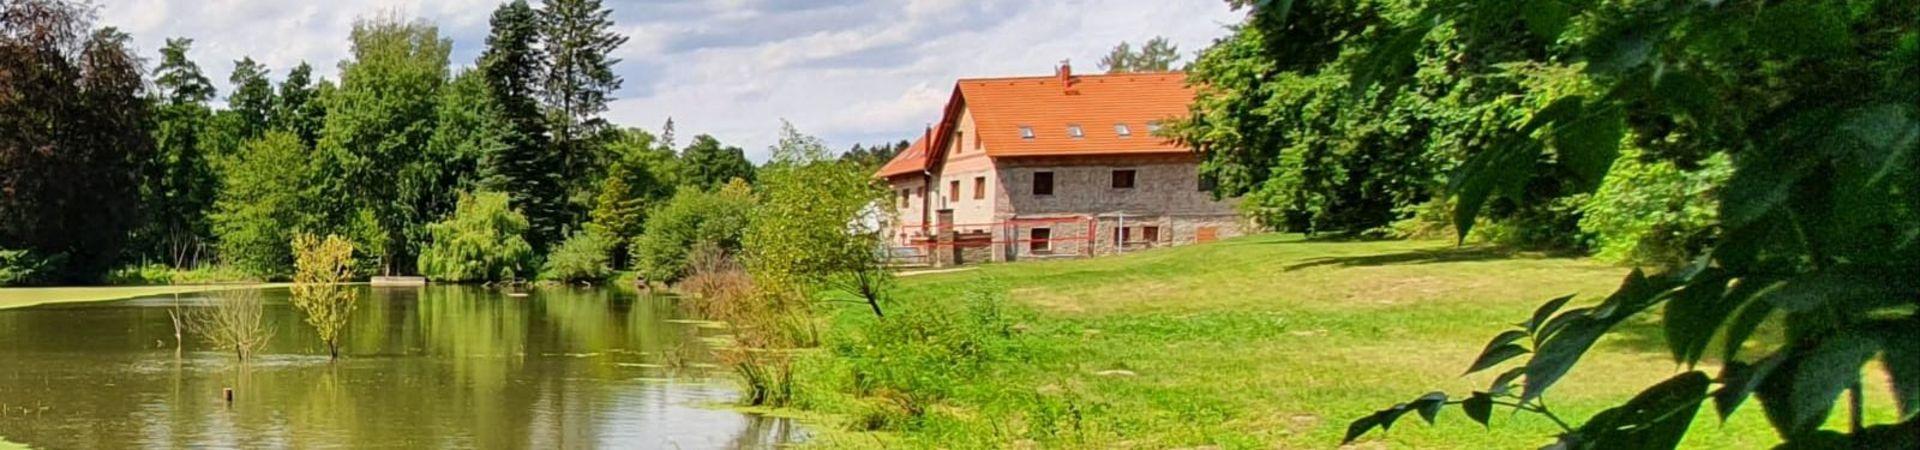 Usedlost Nouzov - vzdělávací a relaxační centrum